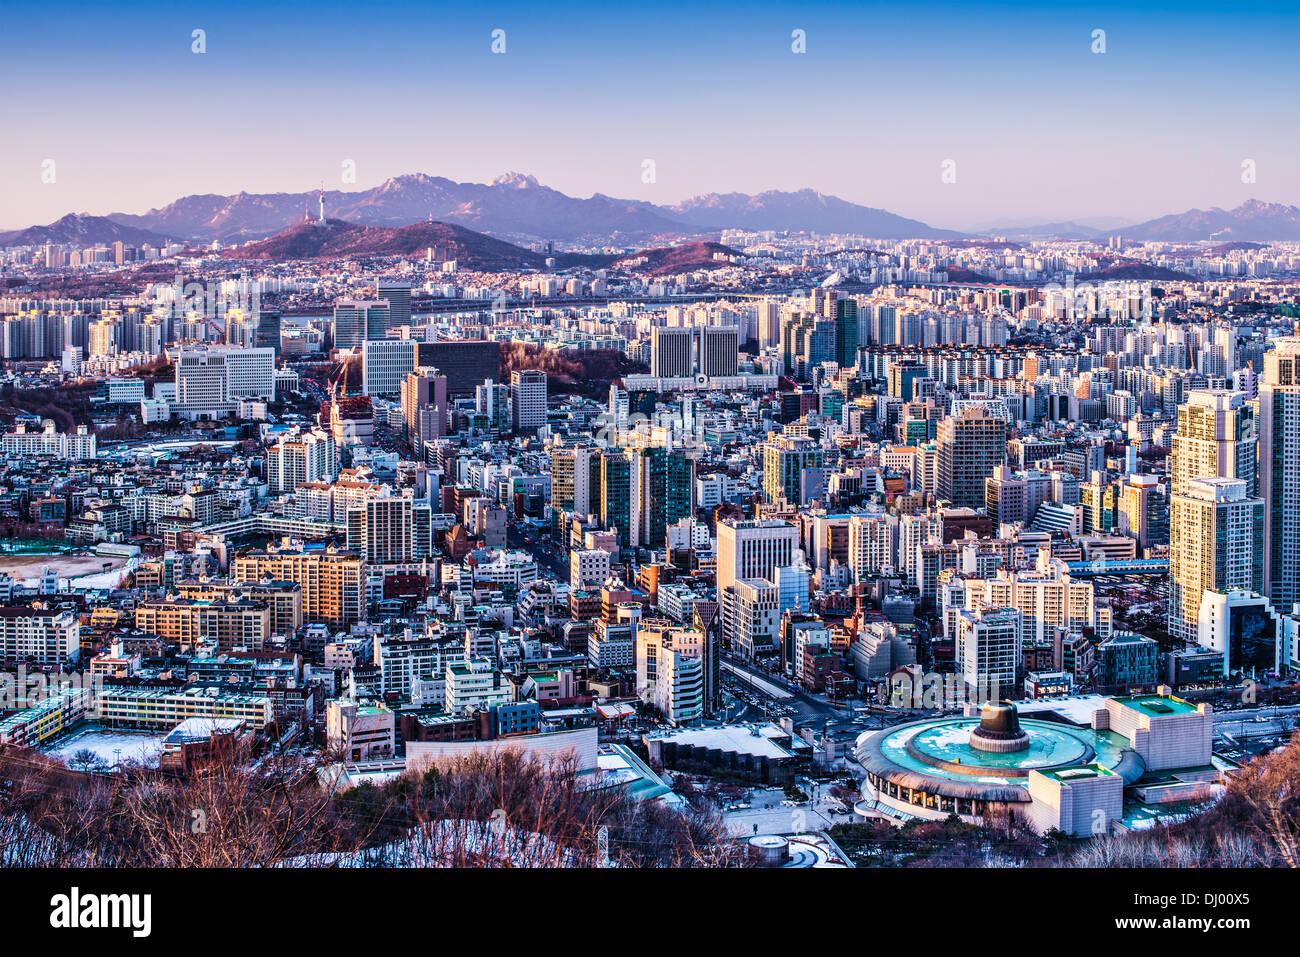 Seoul, South Korea afternoon skyline. - Stock Image